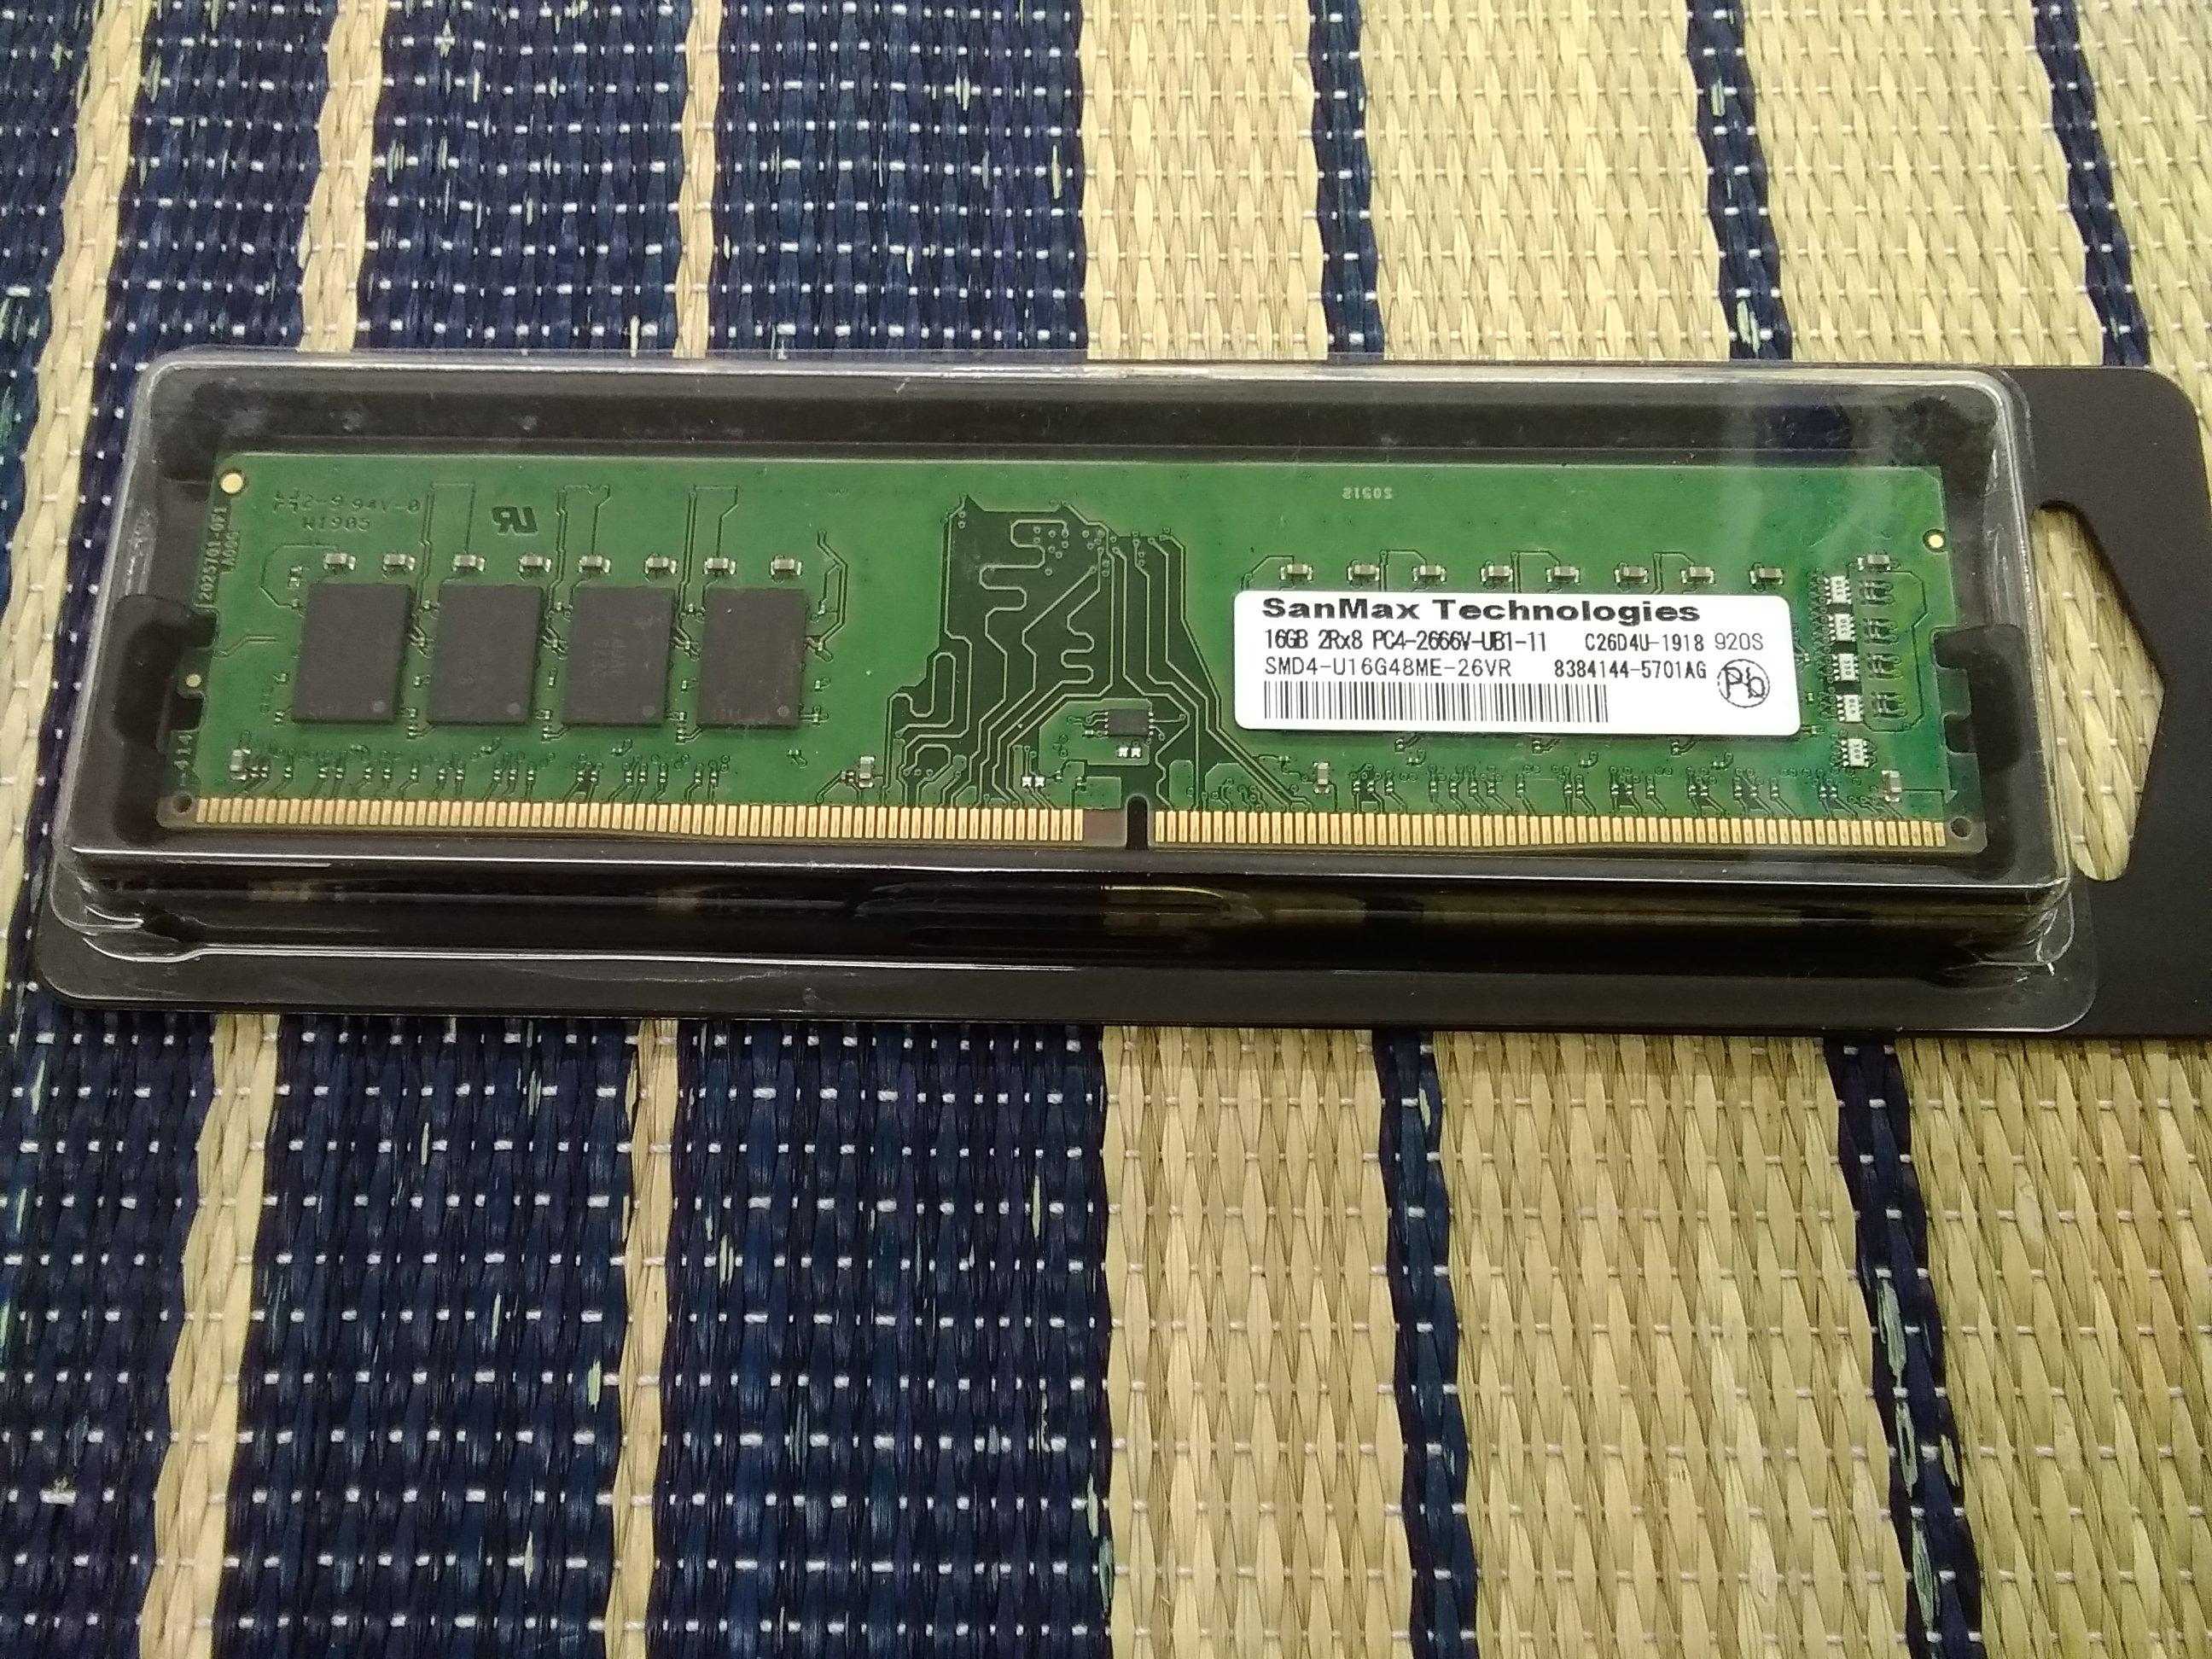 デスクトップ用メモリ|SANMAX TECHNOLOGIES